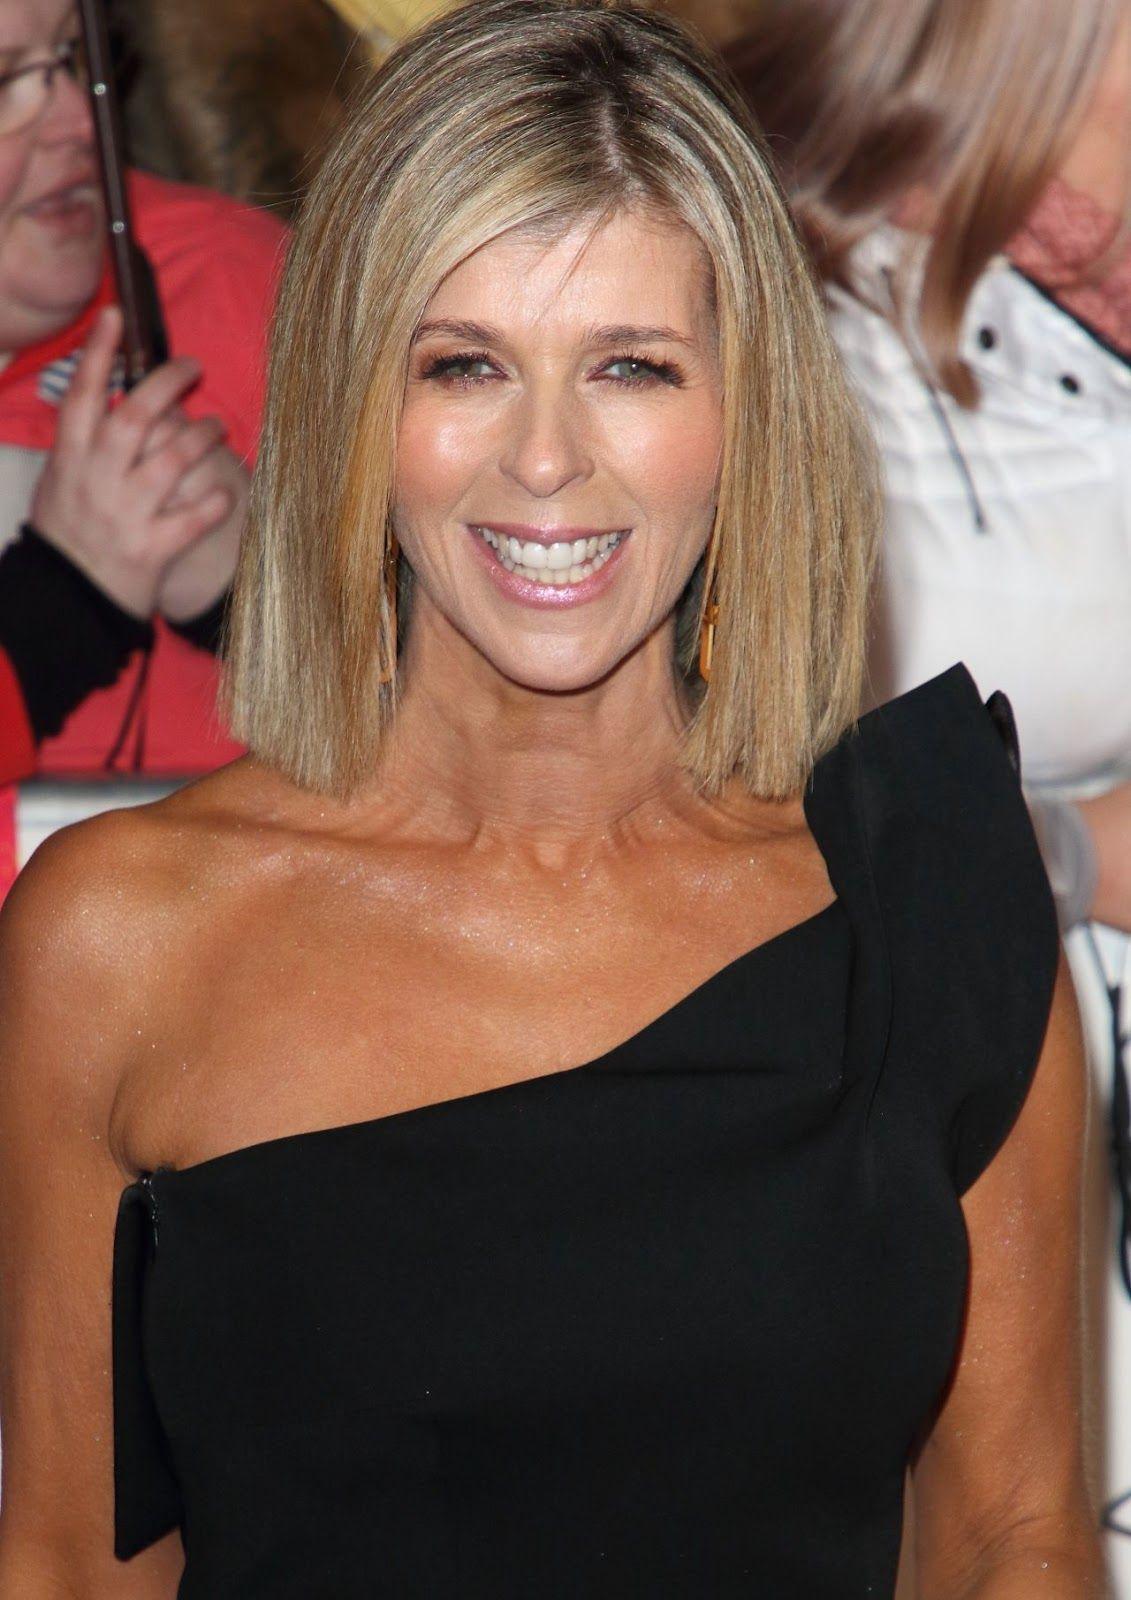 Kate Garraway National Television Awards 2020 In London In 2020 Kate Garraway Carol Kirkwood Tv Presenters